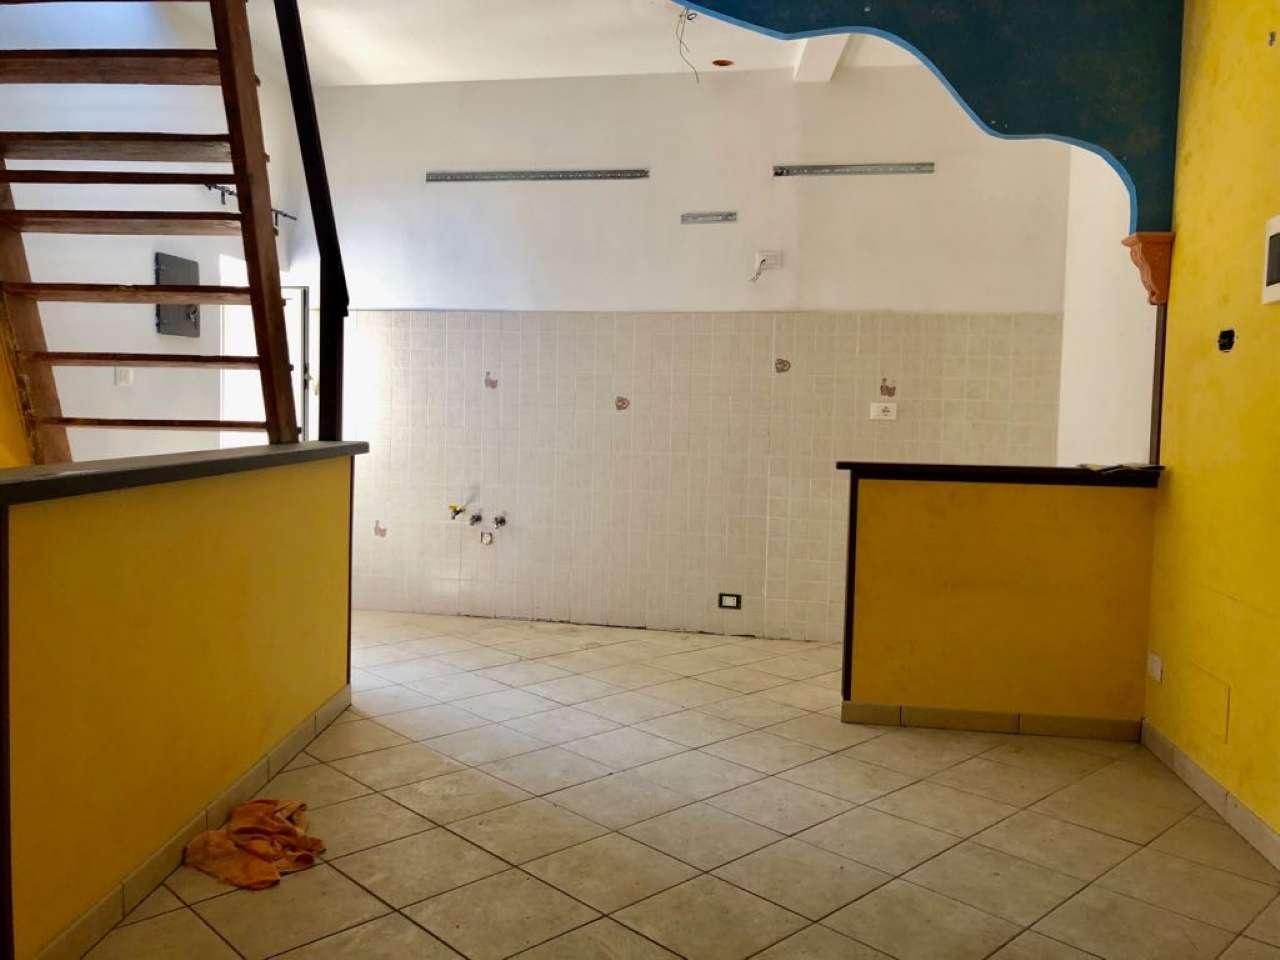 Appartamento in vendita a Castel Madama, 2 locali, prezzo € 55.000 | CambioCasa.it